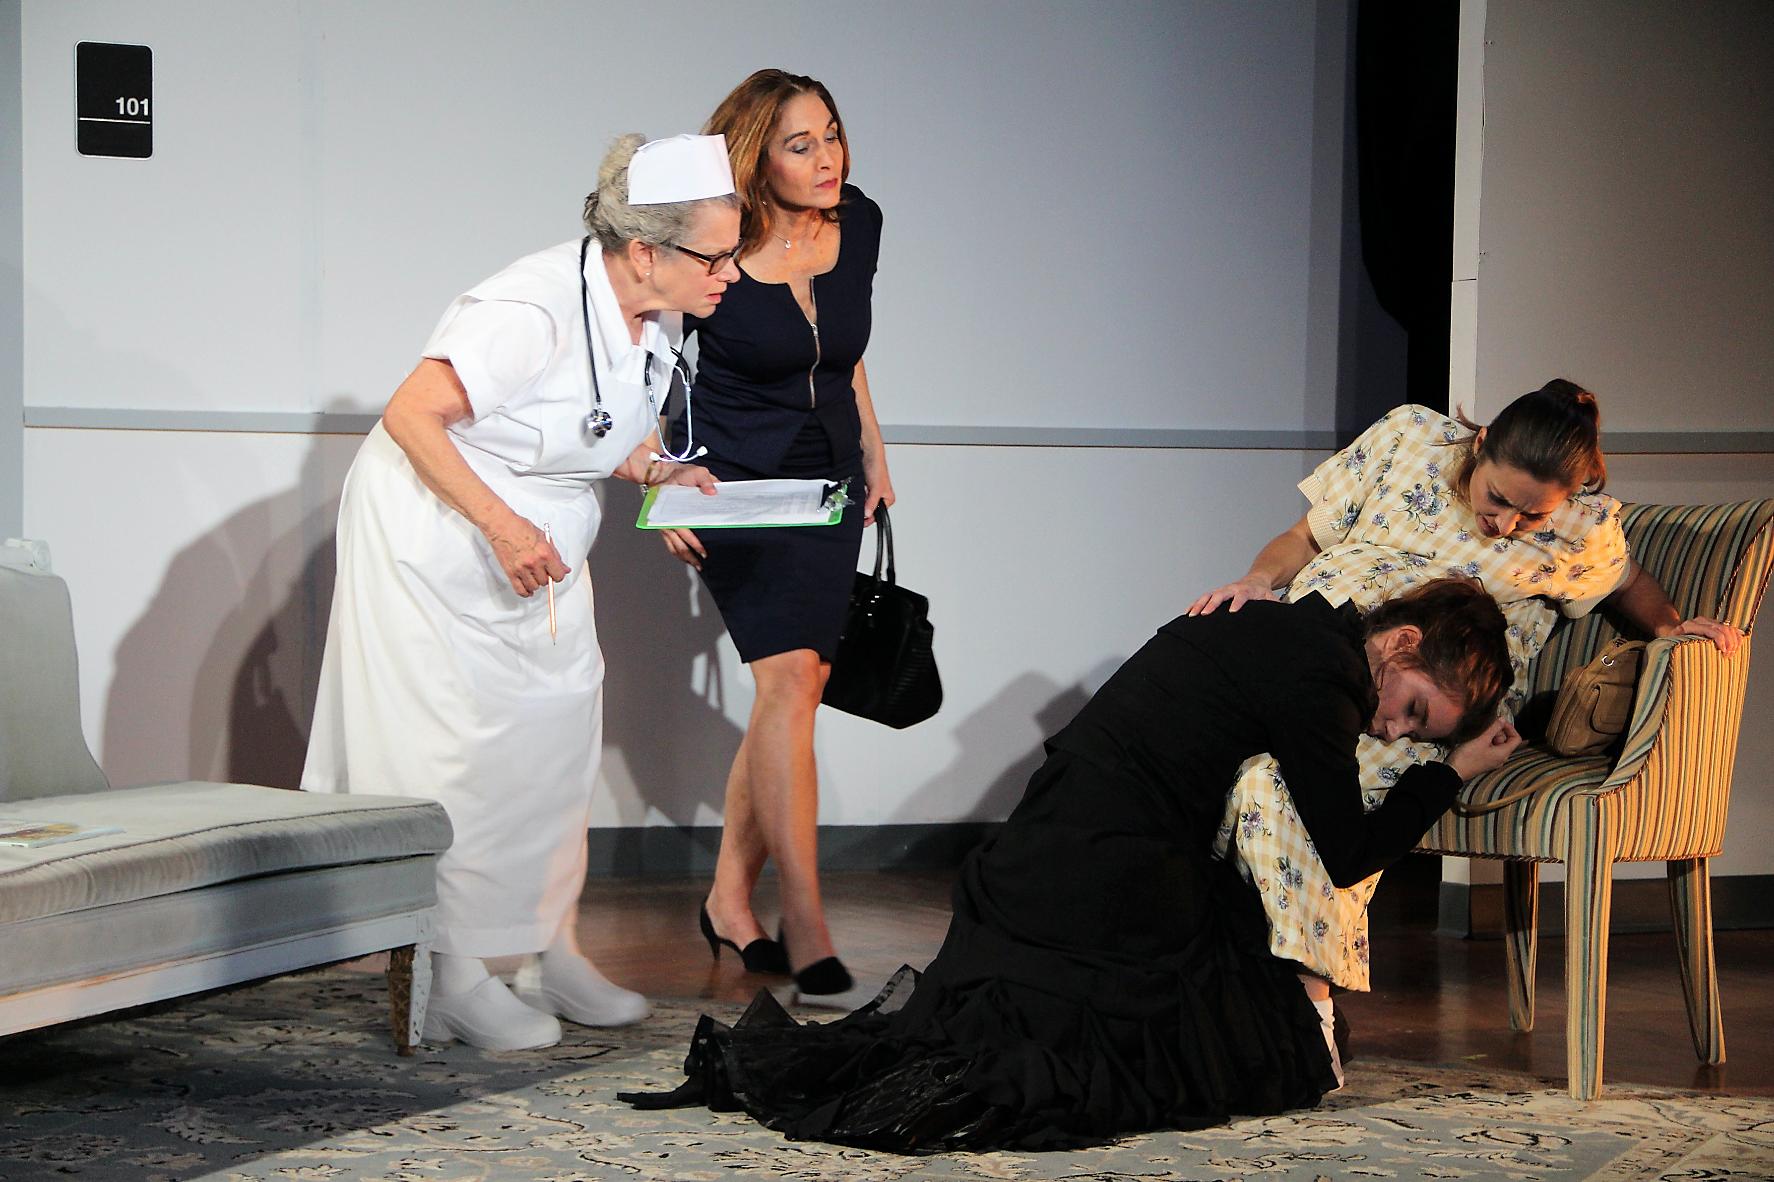 Nurse, Veronique, Nasty & Audrey